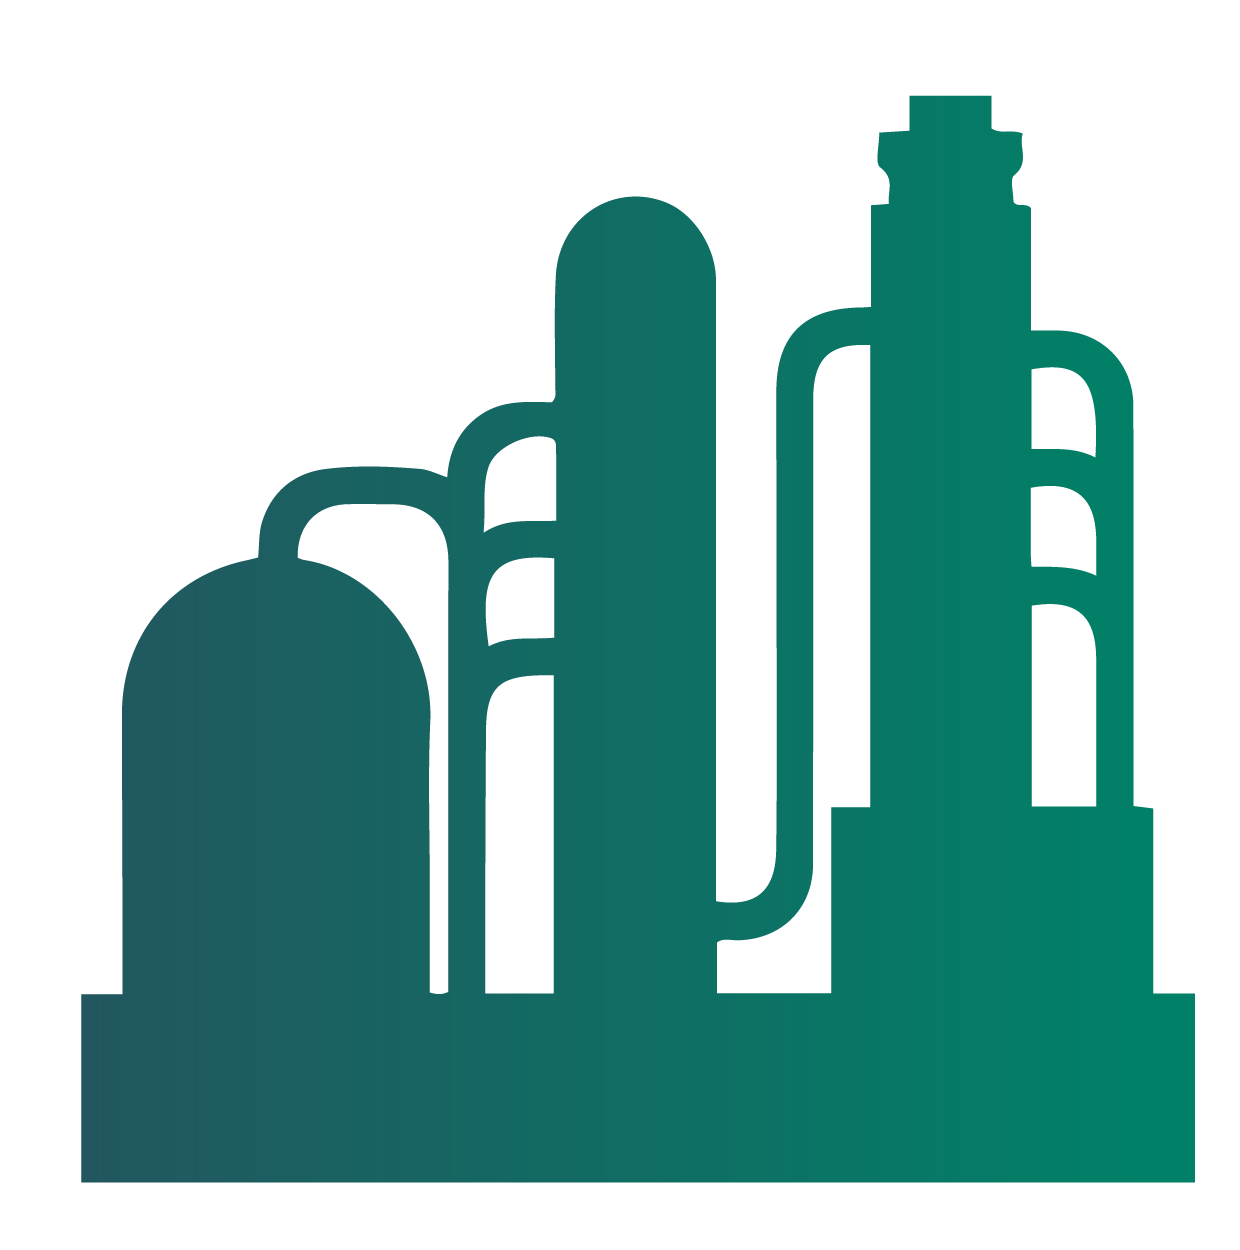 Industry clipart heavy industry. Solution apple peplink advantesco